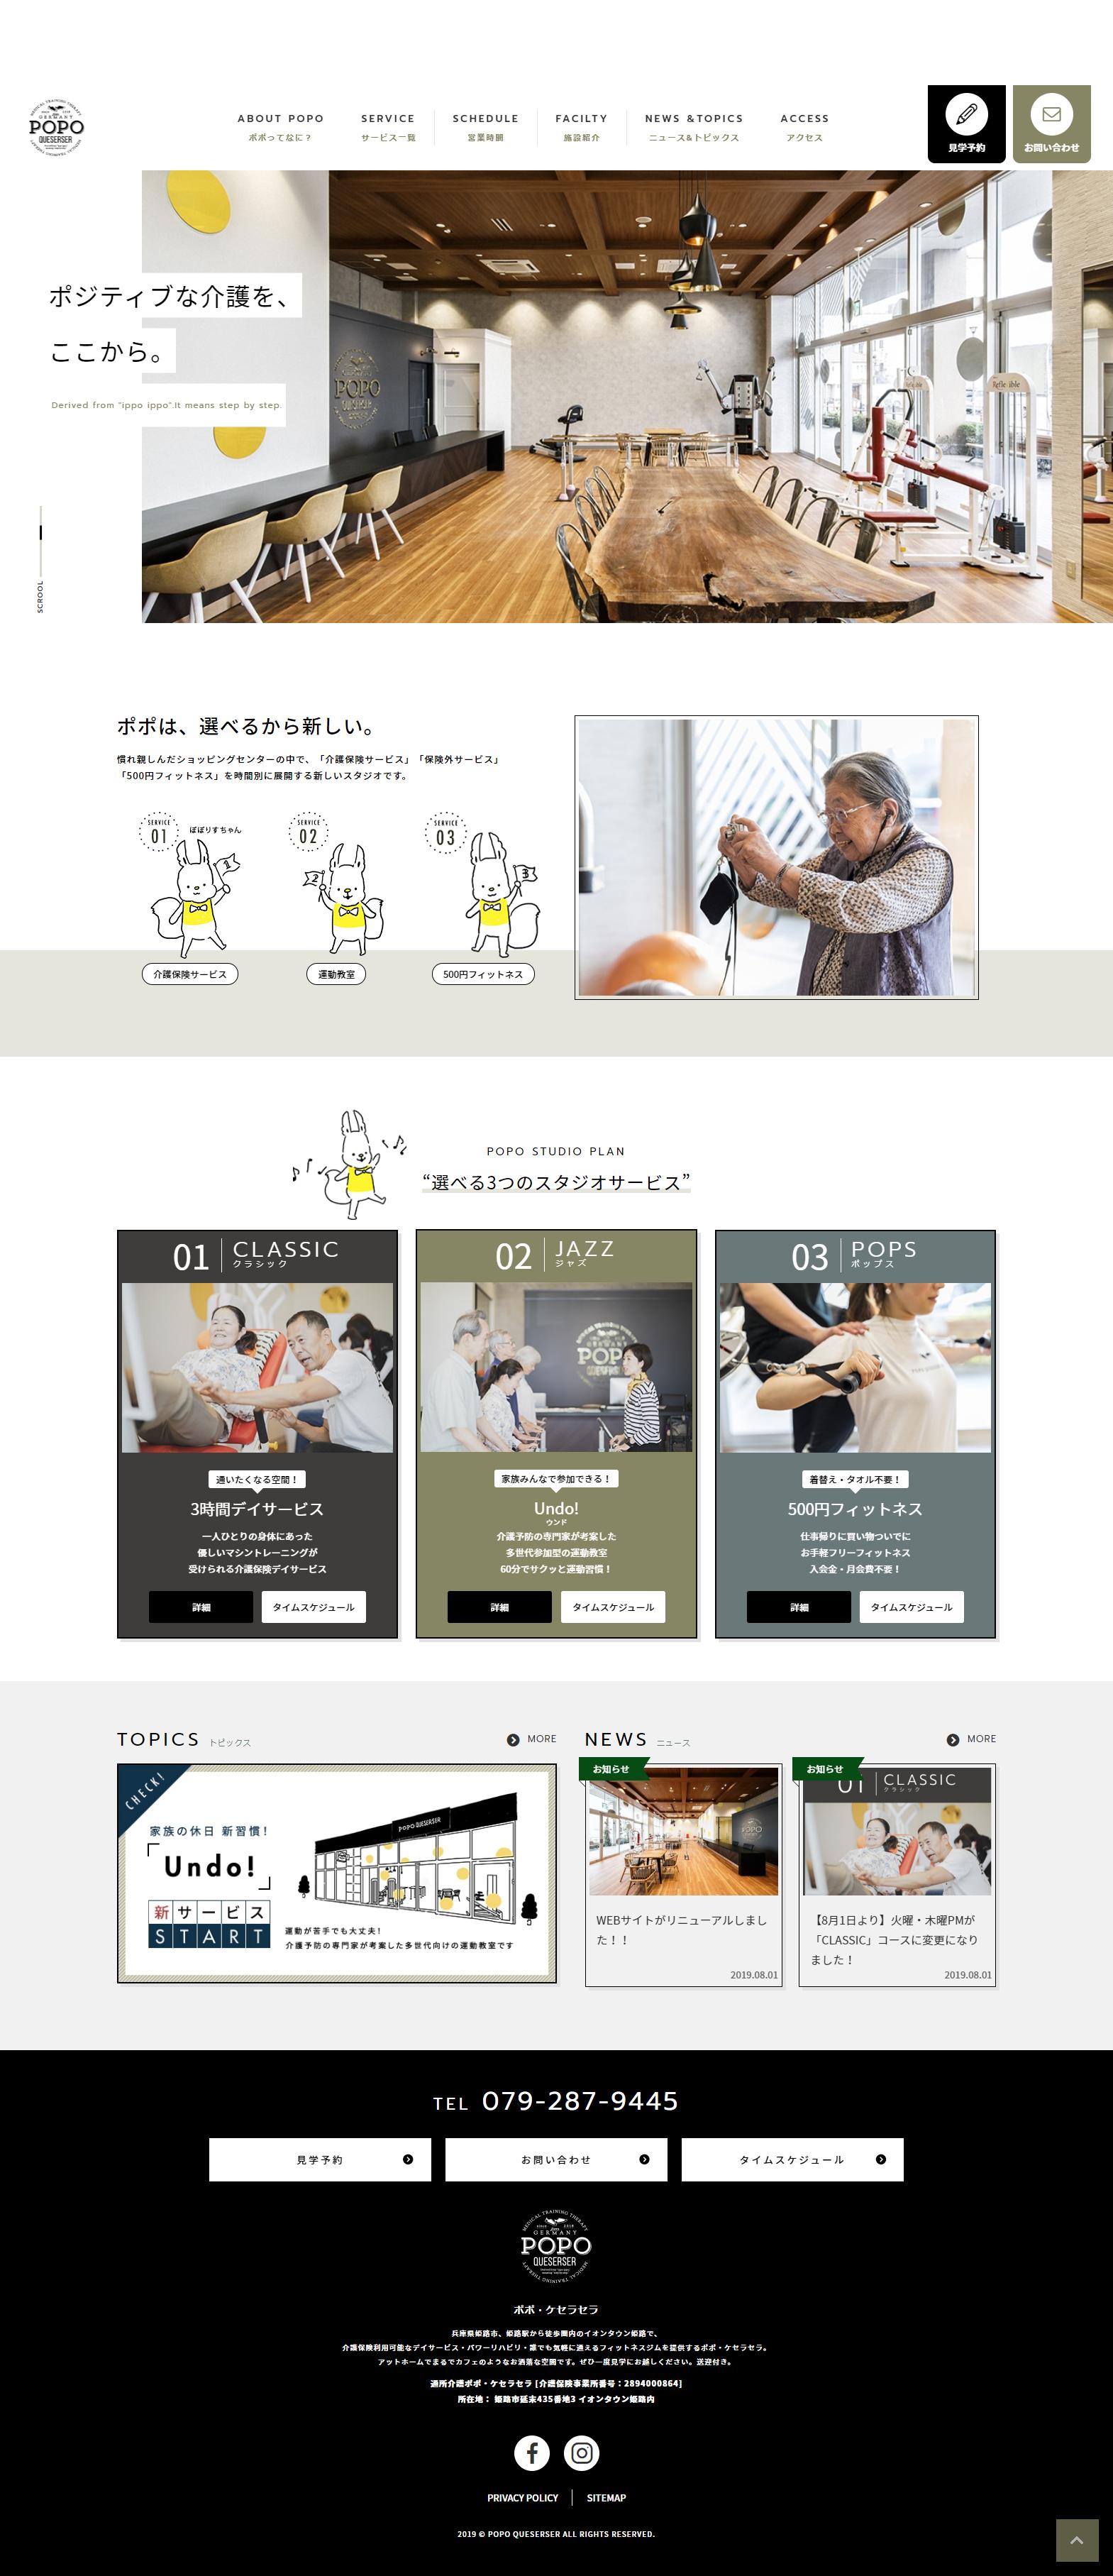 公式 ポポ ケセラセラ 兵庫県姫路市のデイサービス 運動教室 フィットネススタジオ Lp デザイン ヘッダーのデザイン スマホサイト デザイン